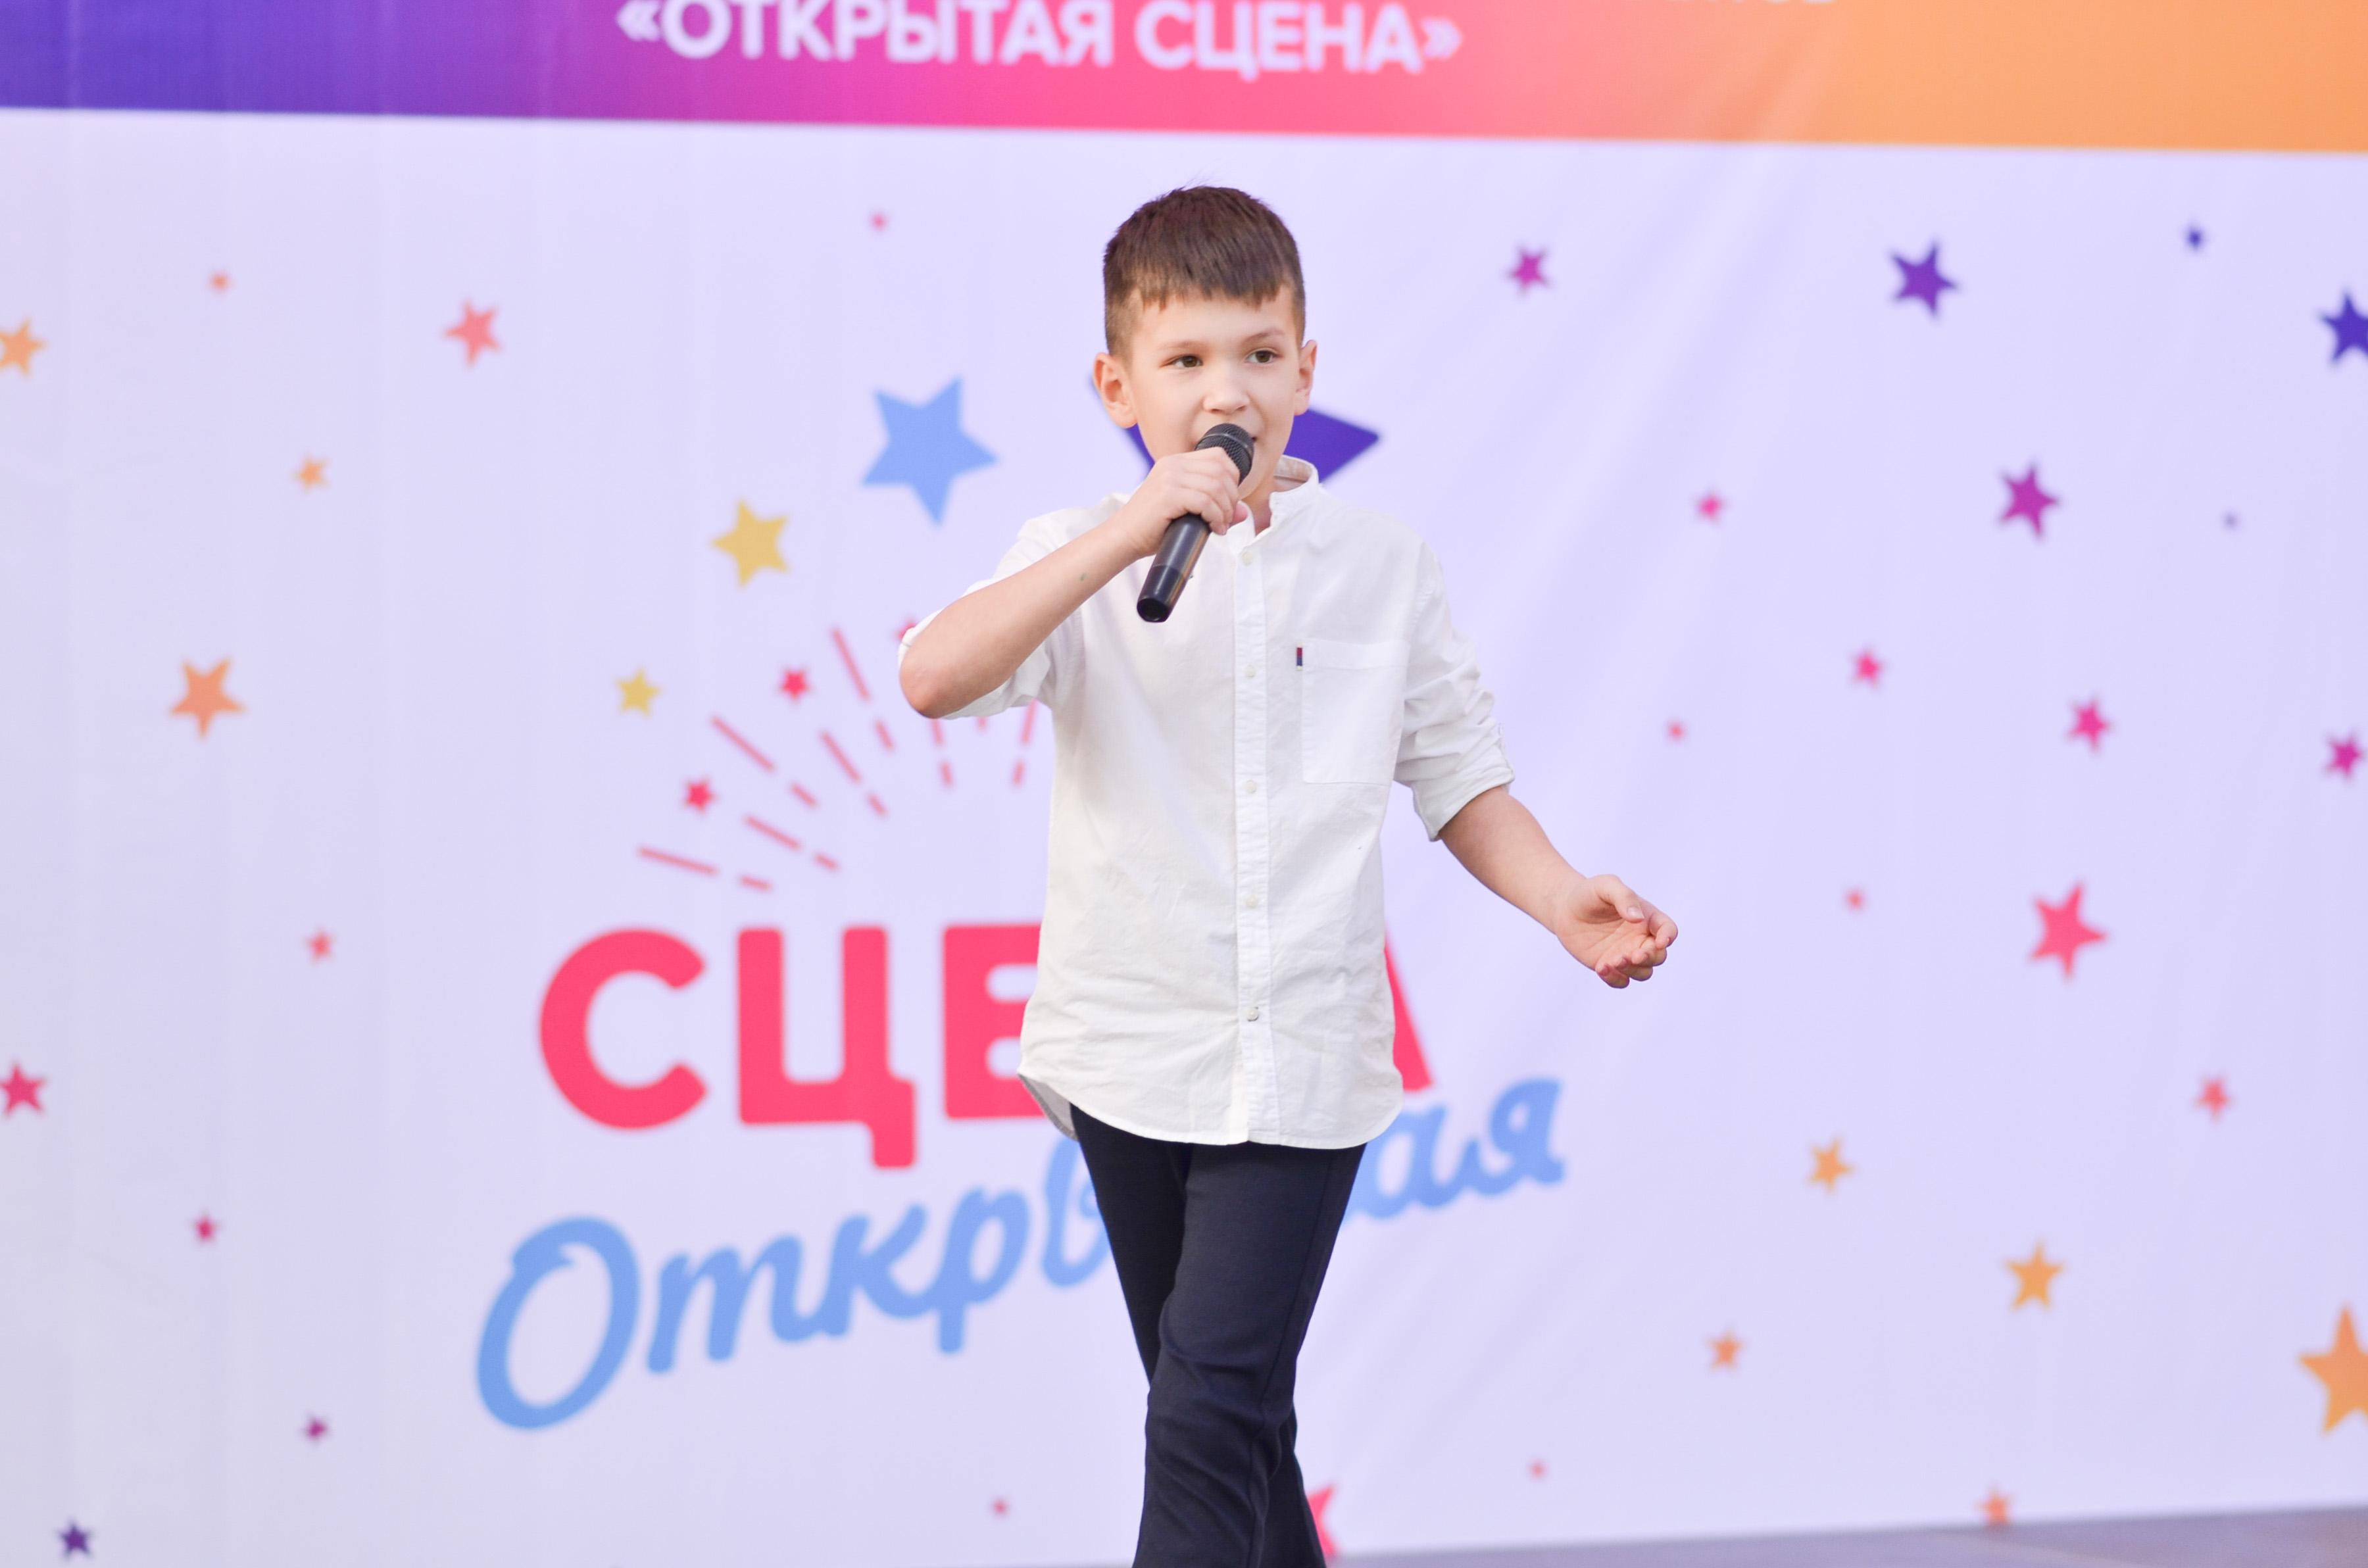 Фестиваль-конкурс талантовОткрытая сцена